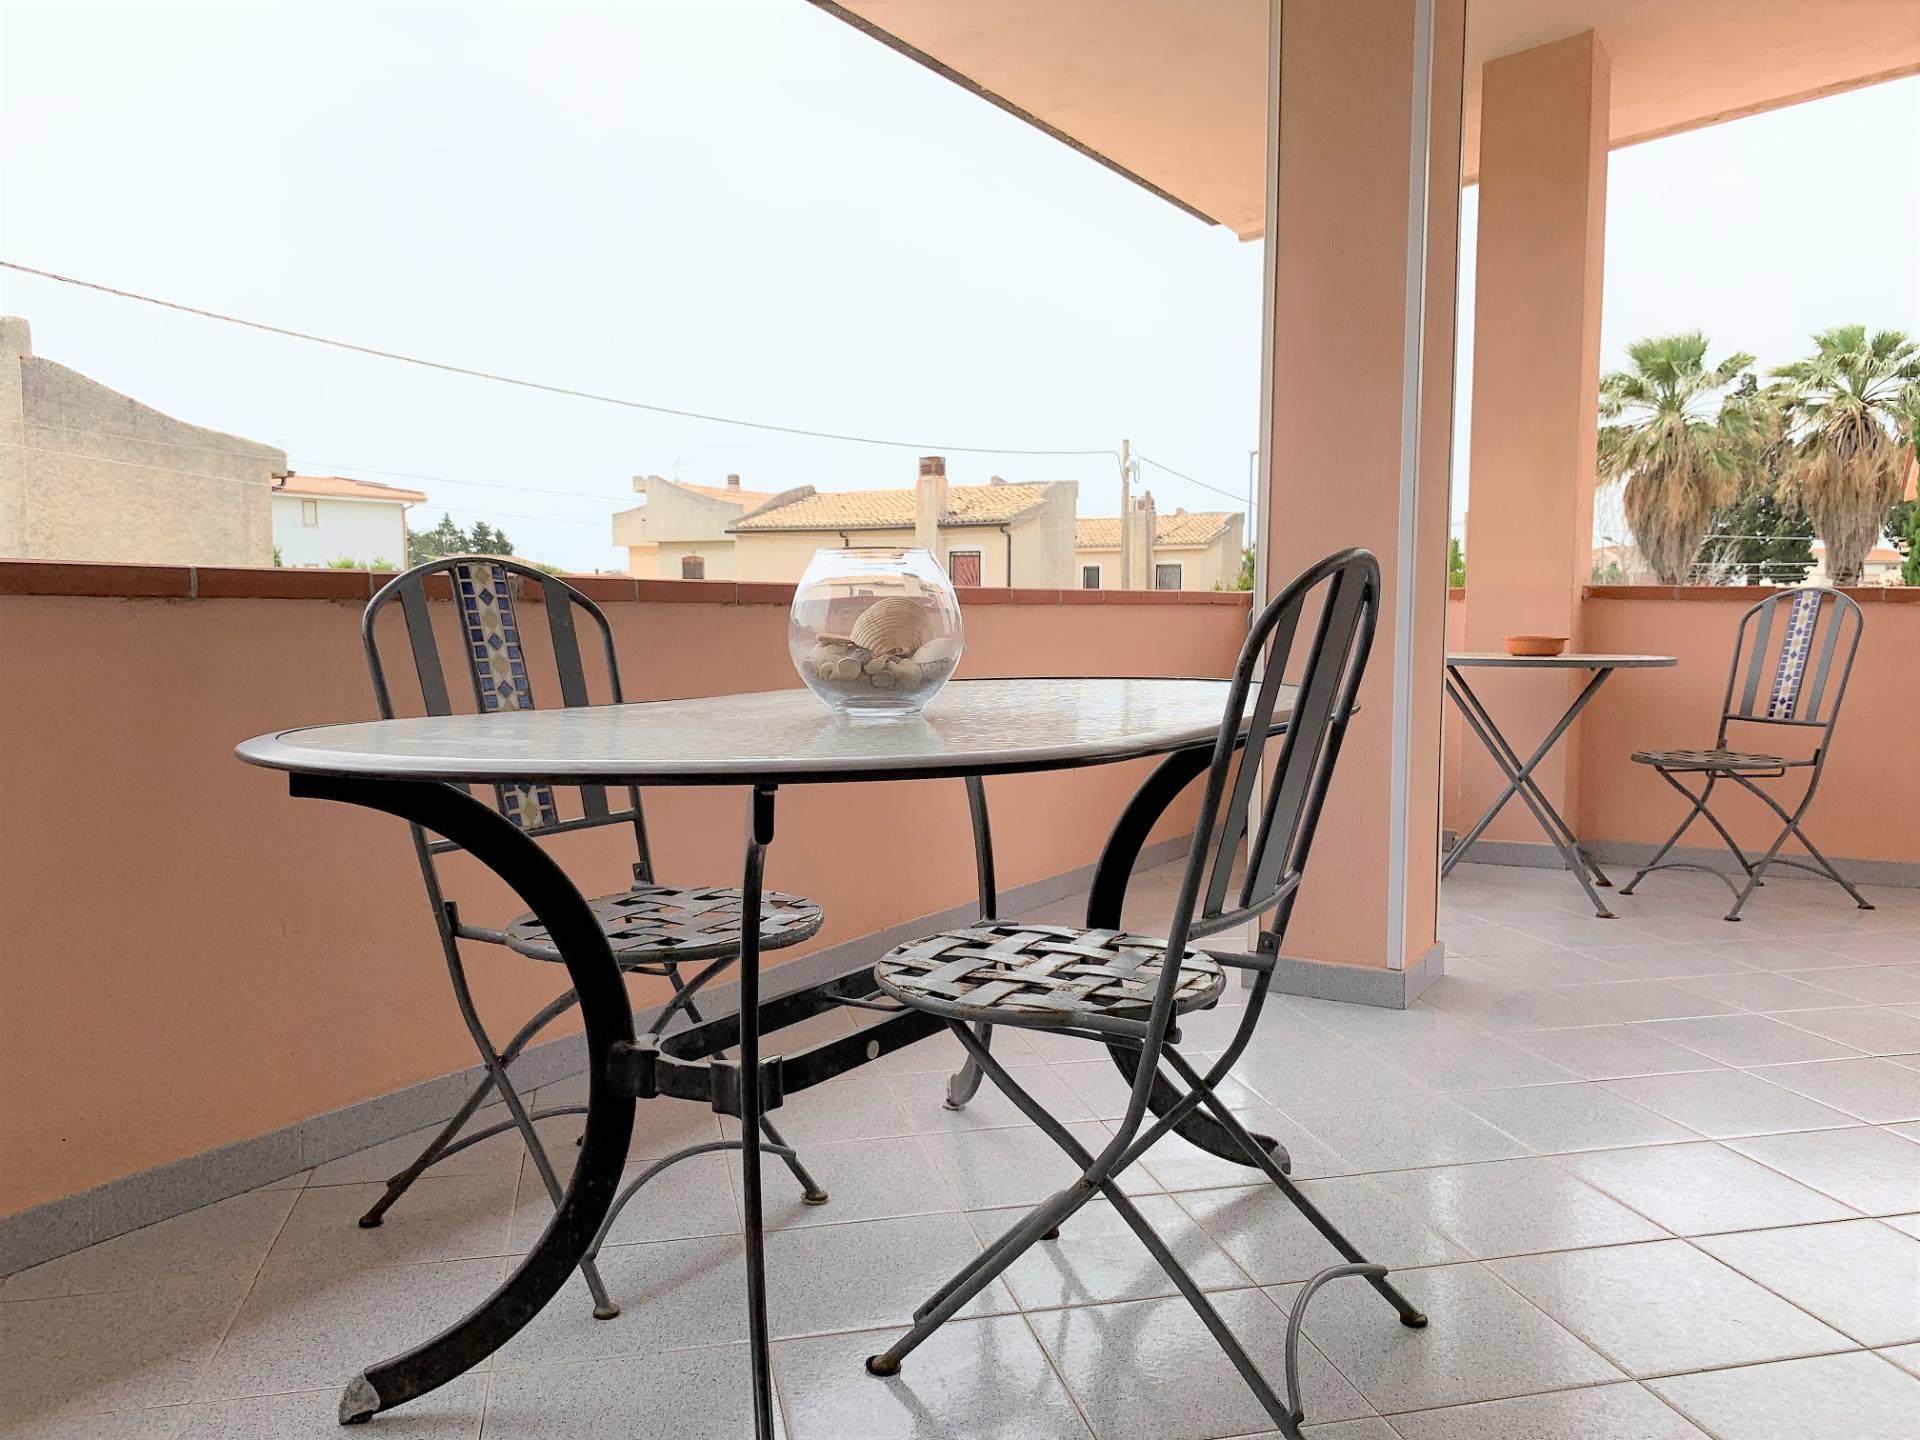 Appartamento in vendita a Sellia Marina, 4 locali, zona Zona: Ruggero, prezzo € 80.000 | CambioCasa.it